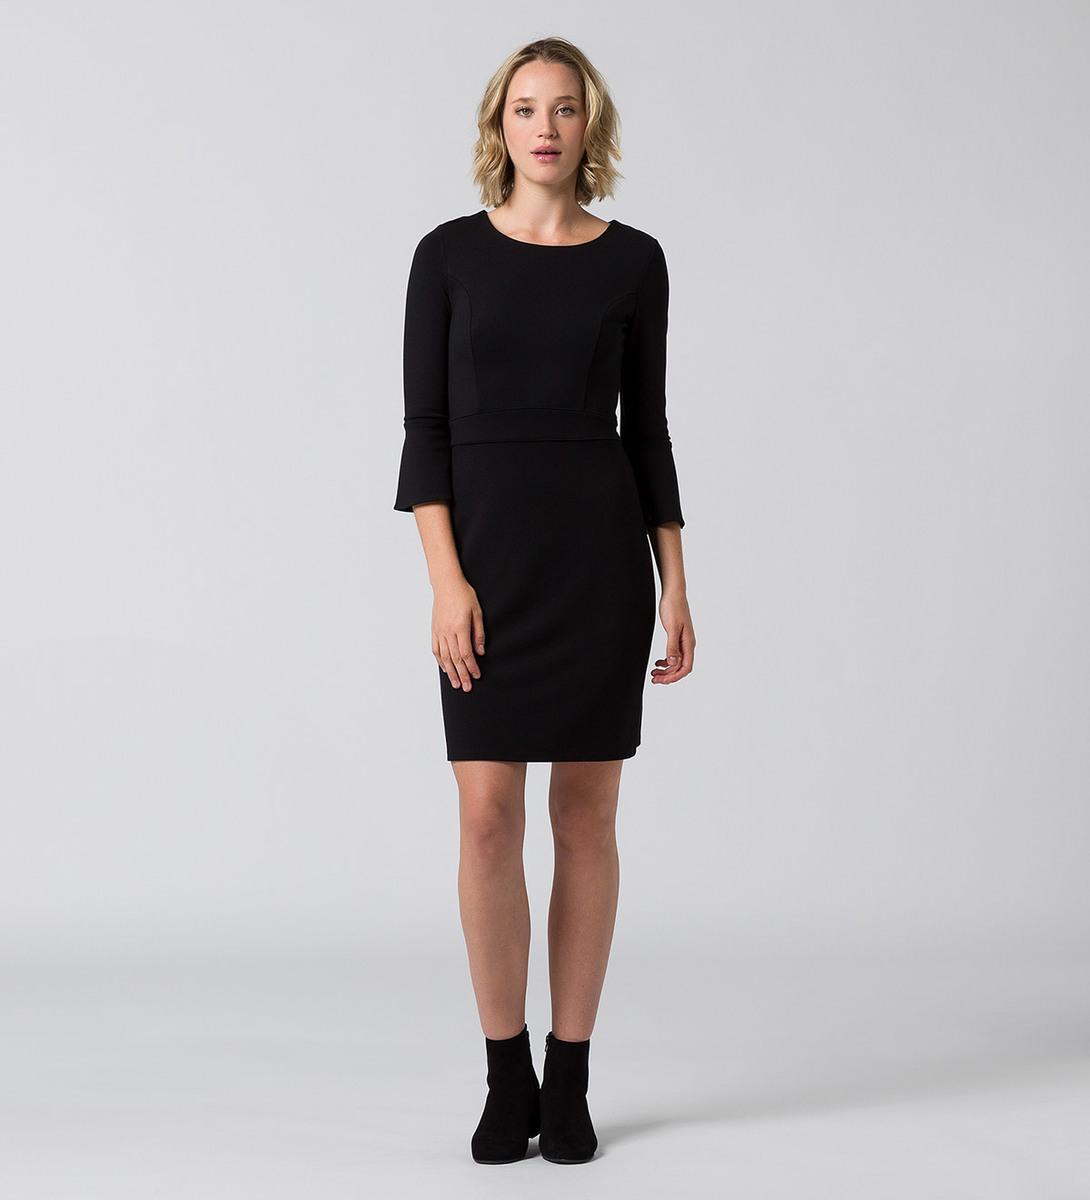 Kleid mit Trompetenärmeln in black